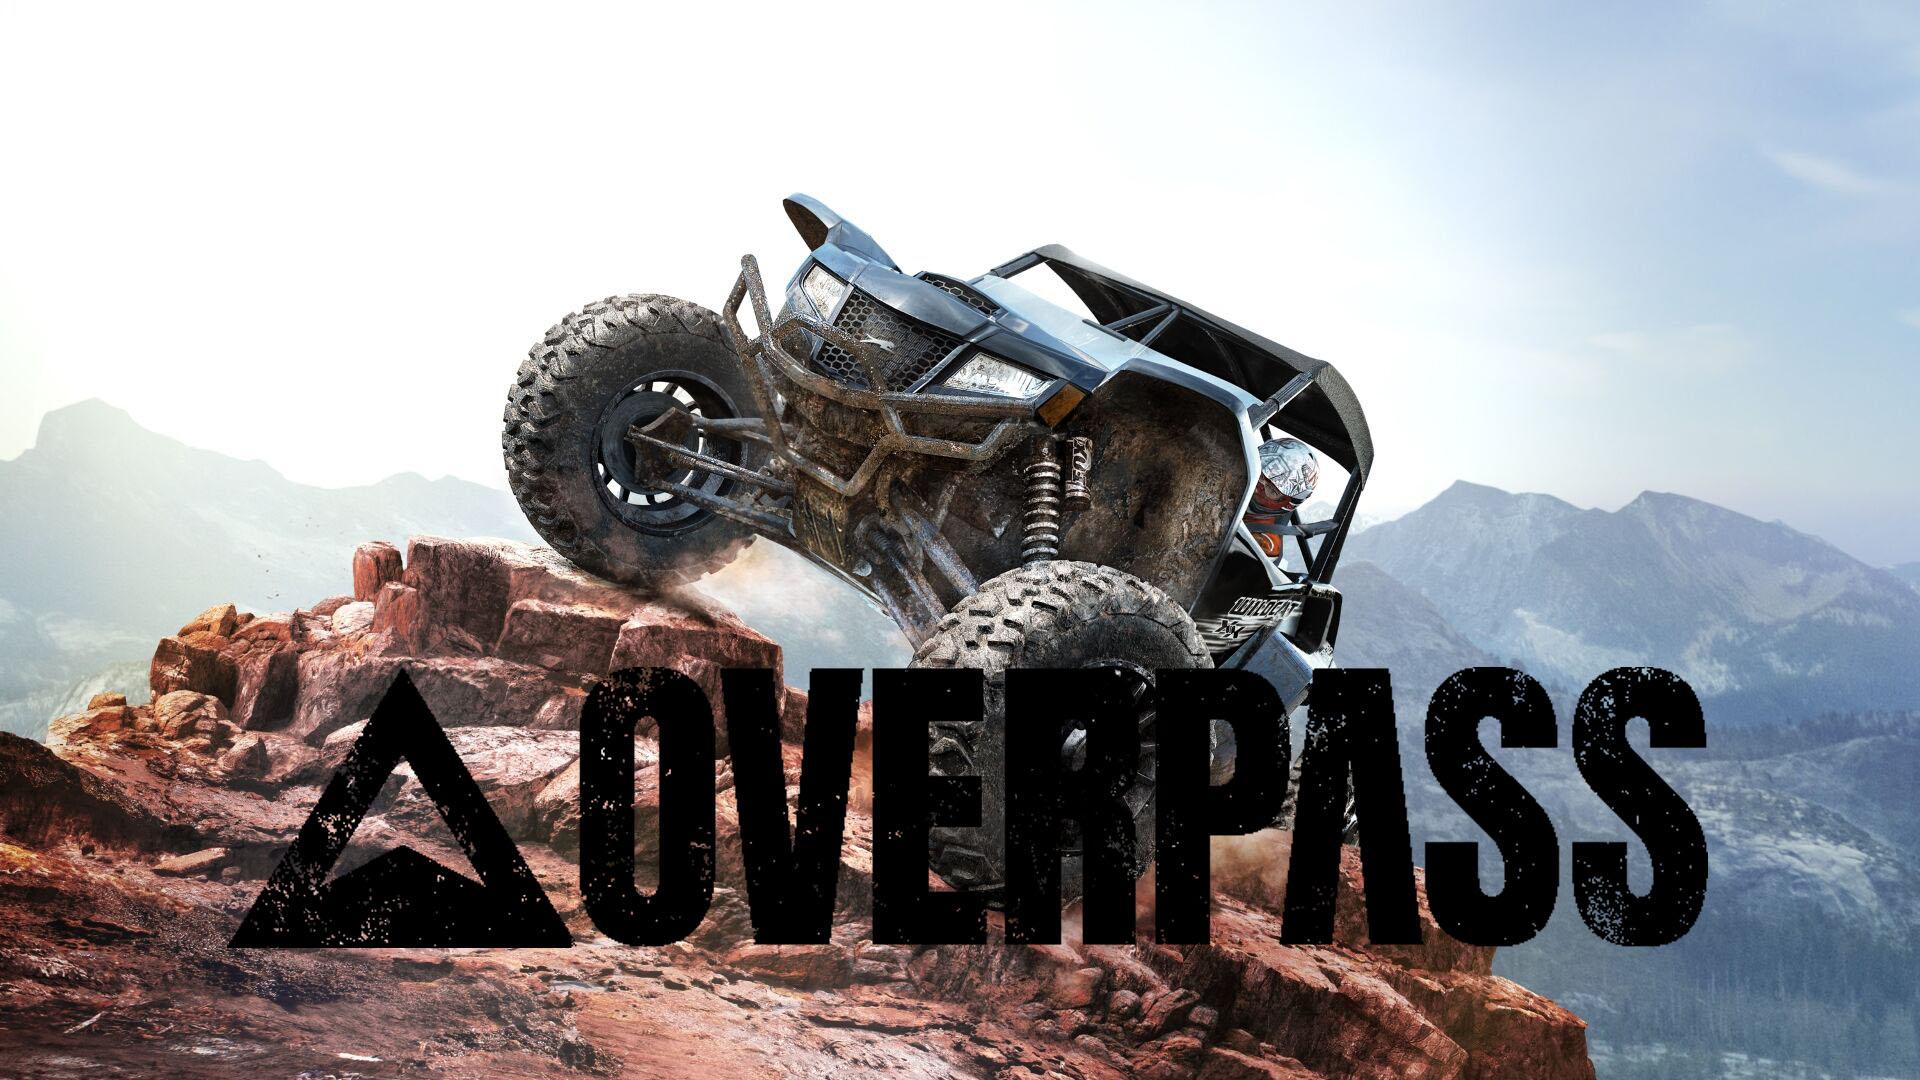 overpass video game wallpaper 71981